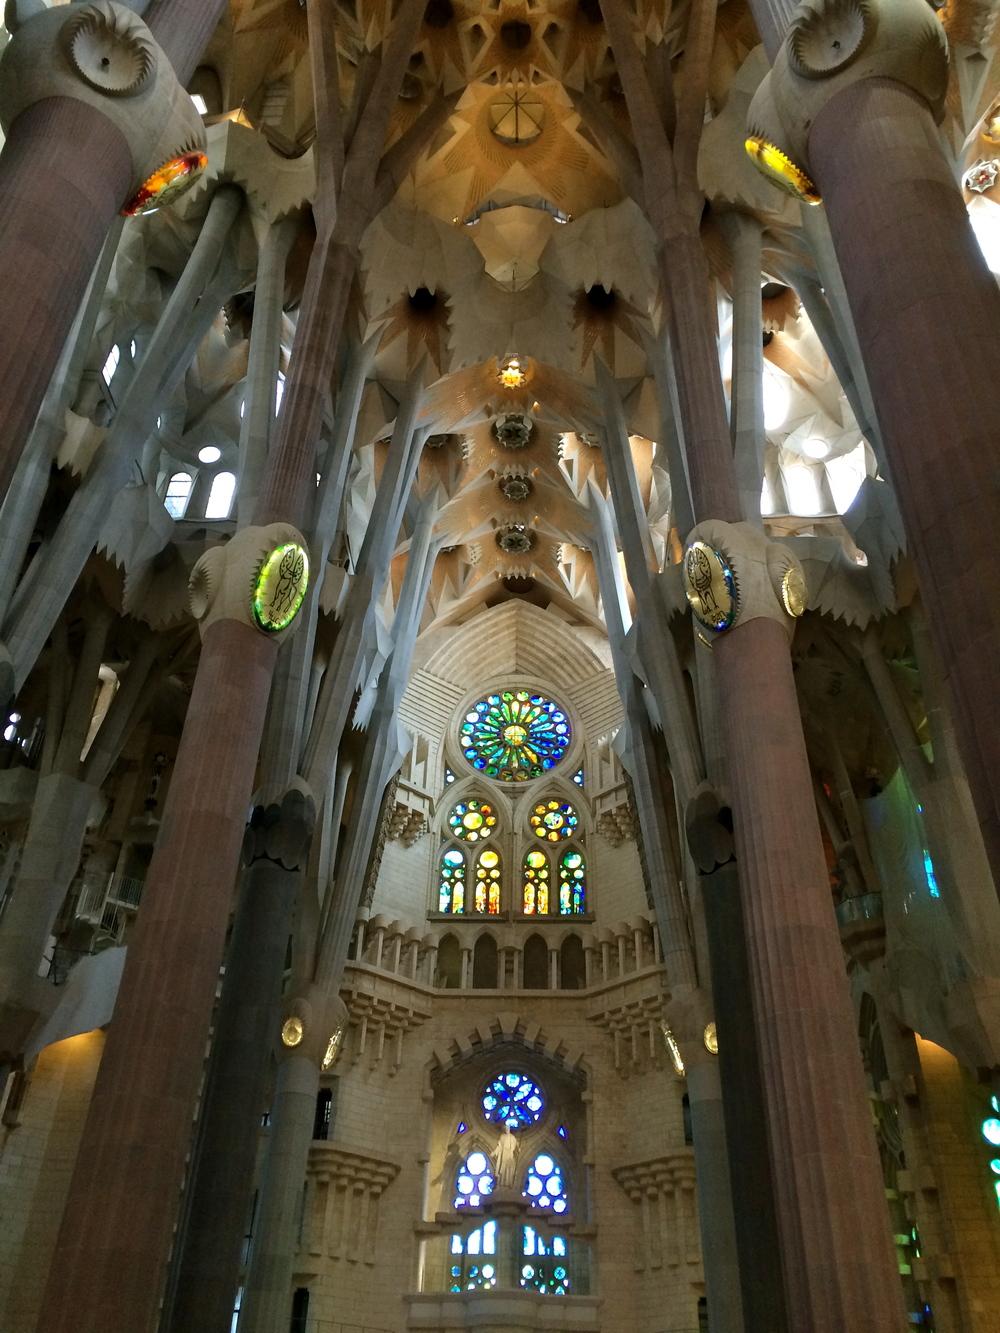 ◆ Inside La Sagrada Familia